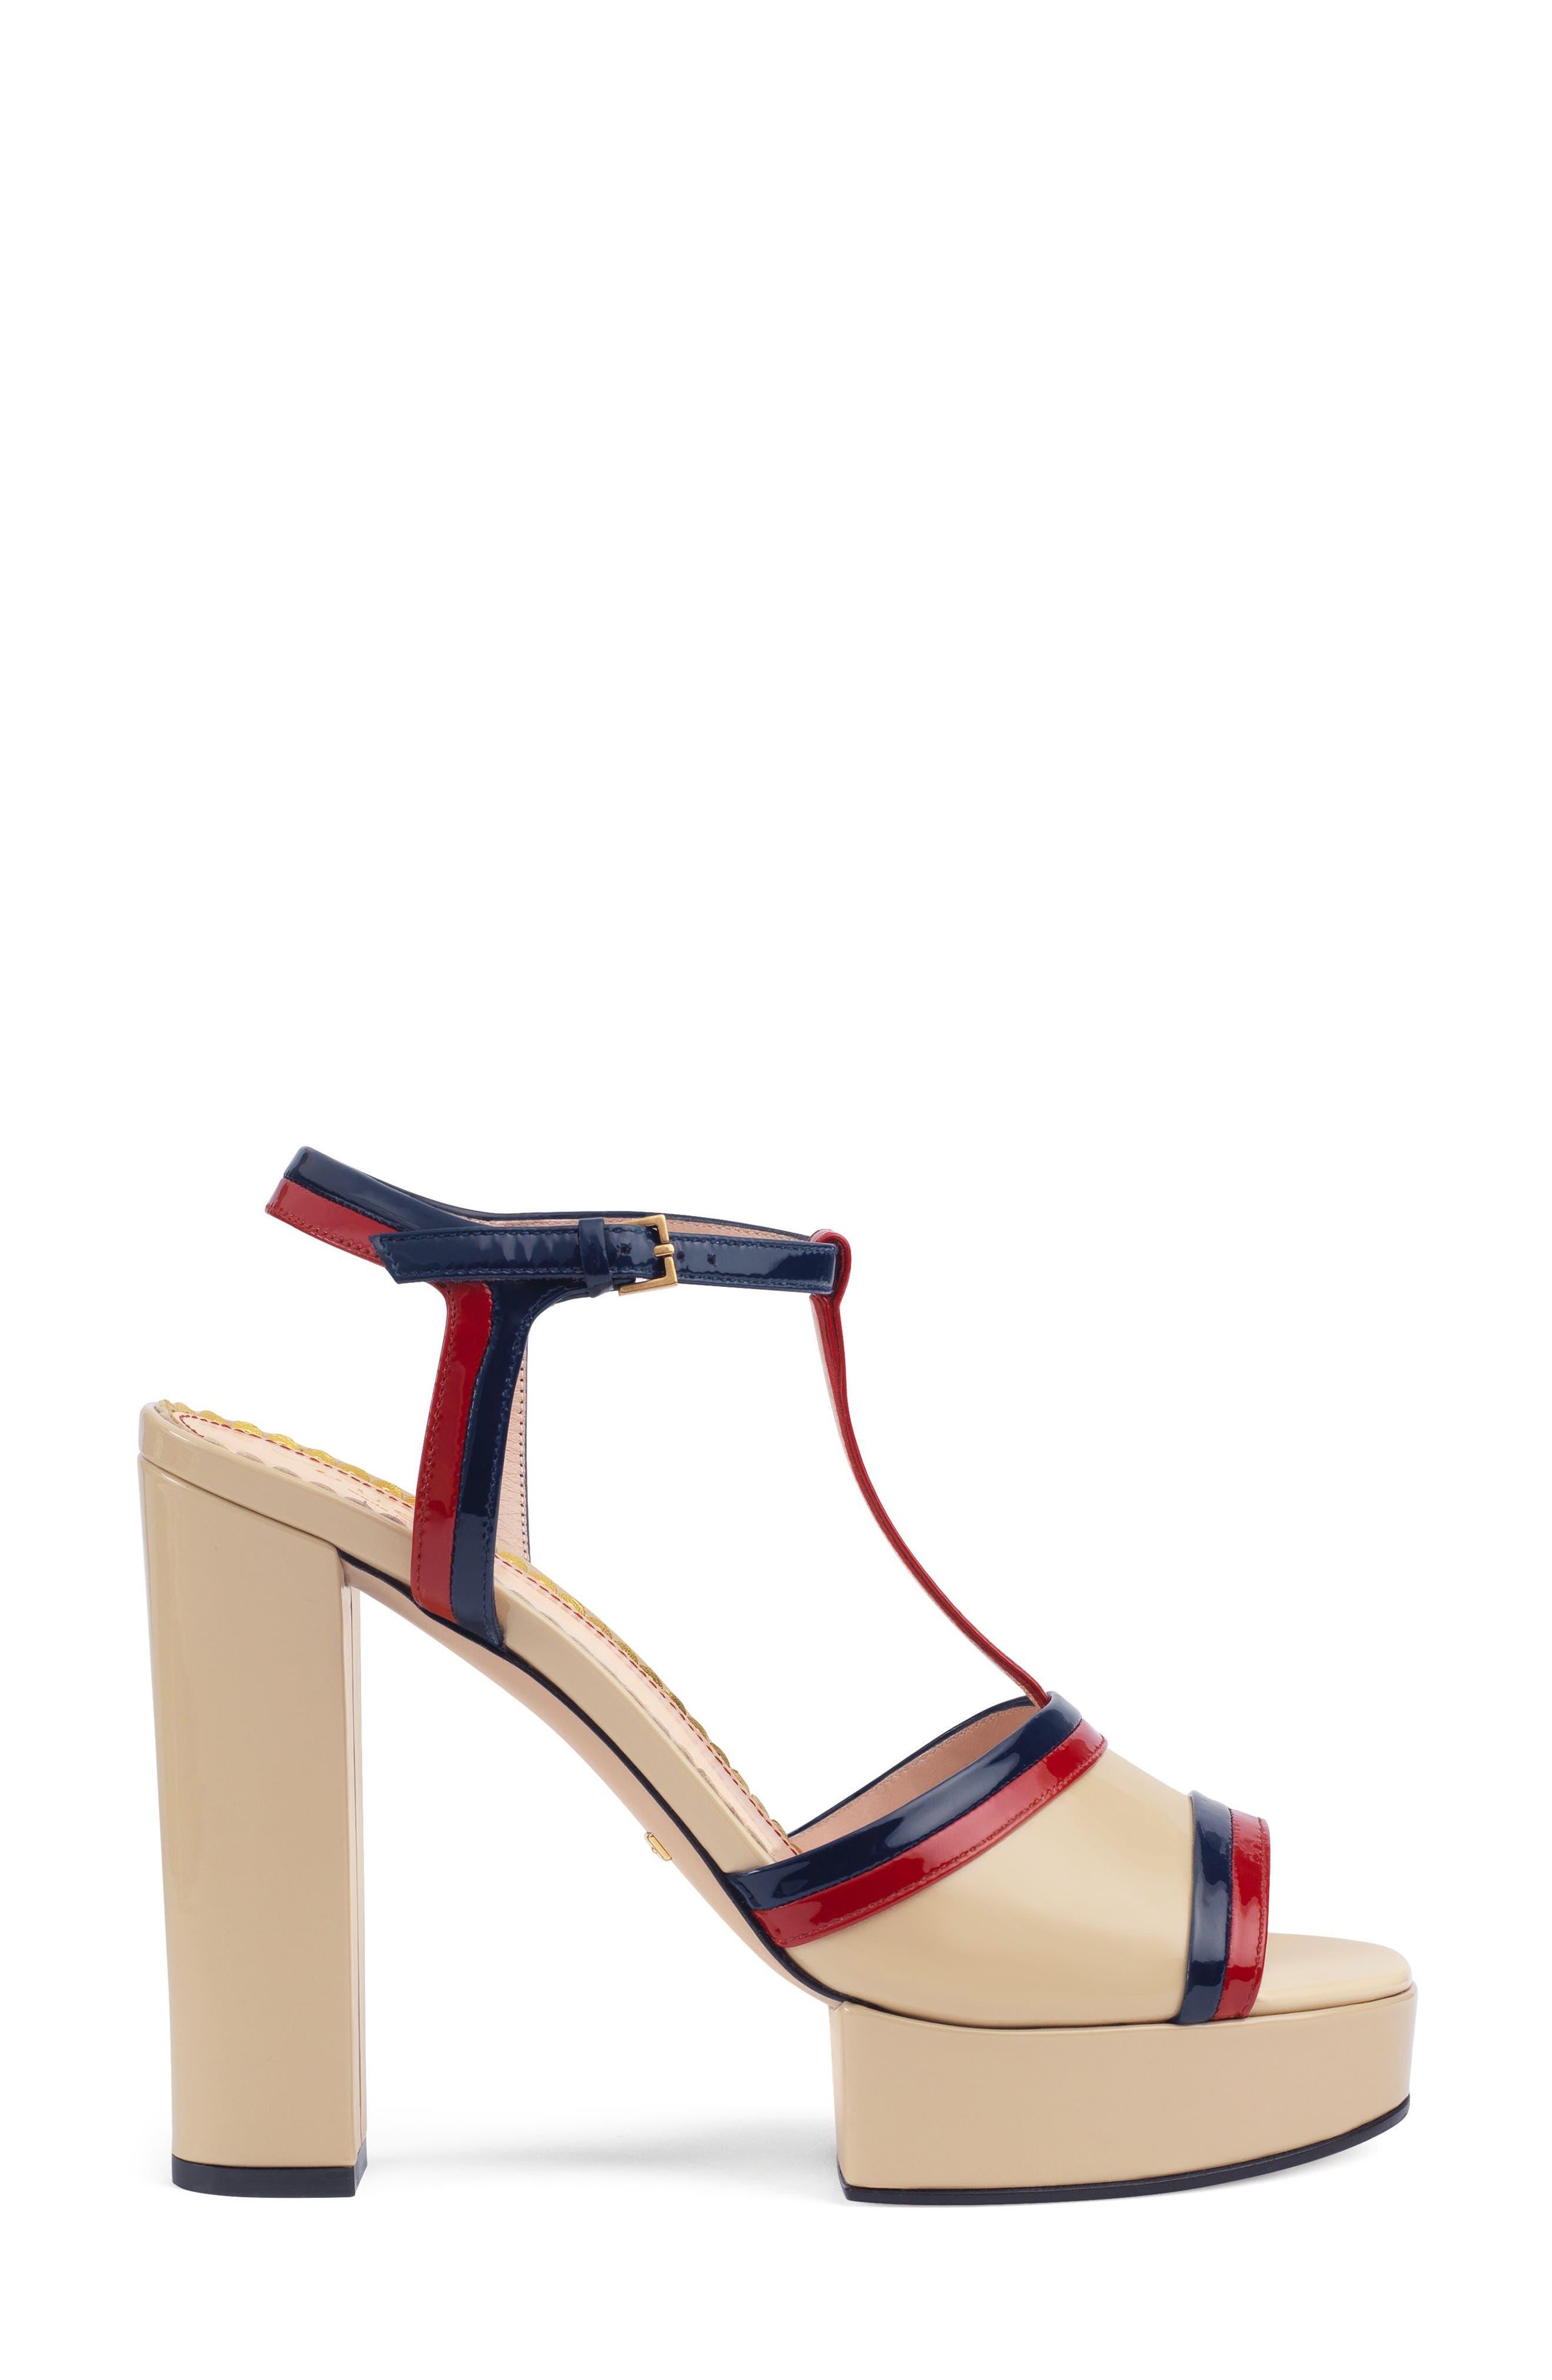 Millie T-Strap Platform Sandal,                             Alternate thumbnail 3, color,                             BEIGE/ RED/ BLUE